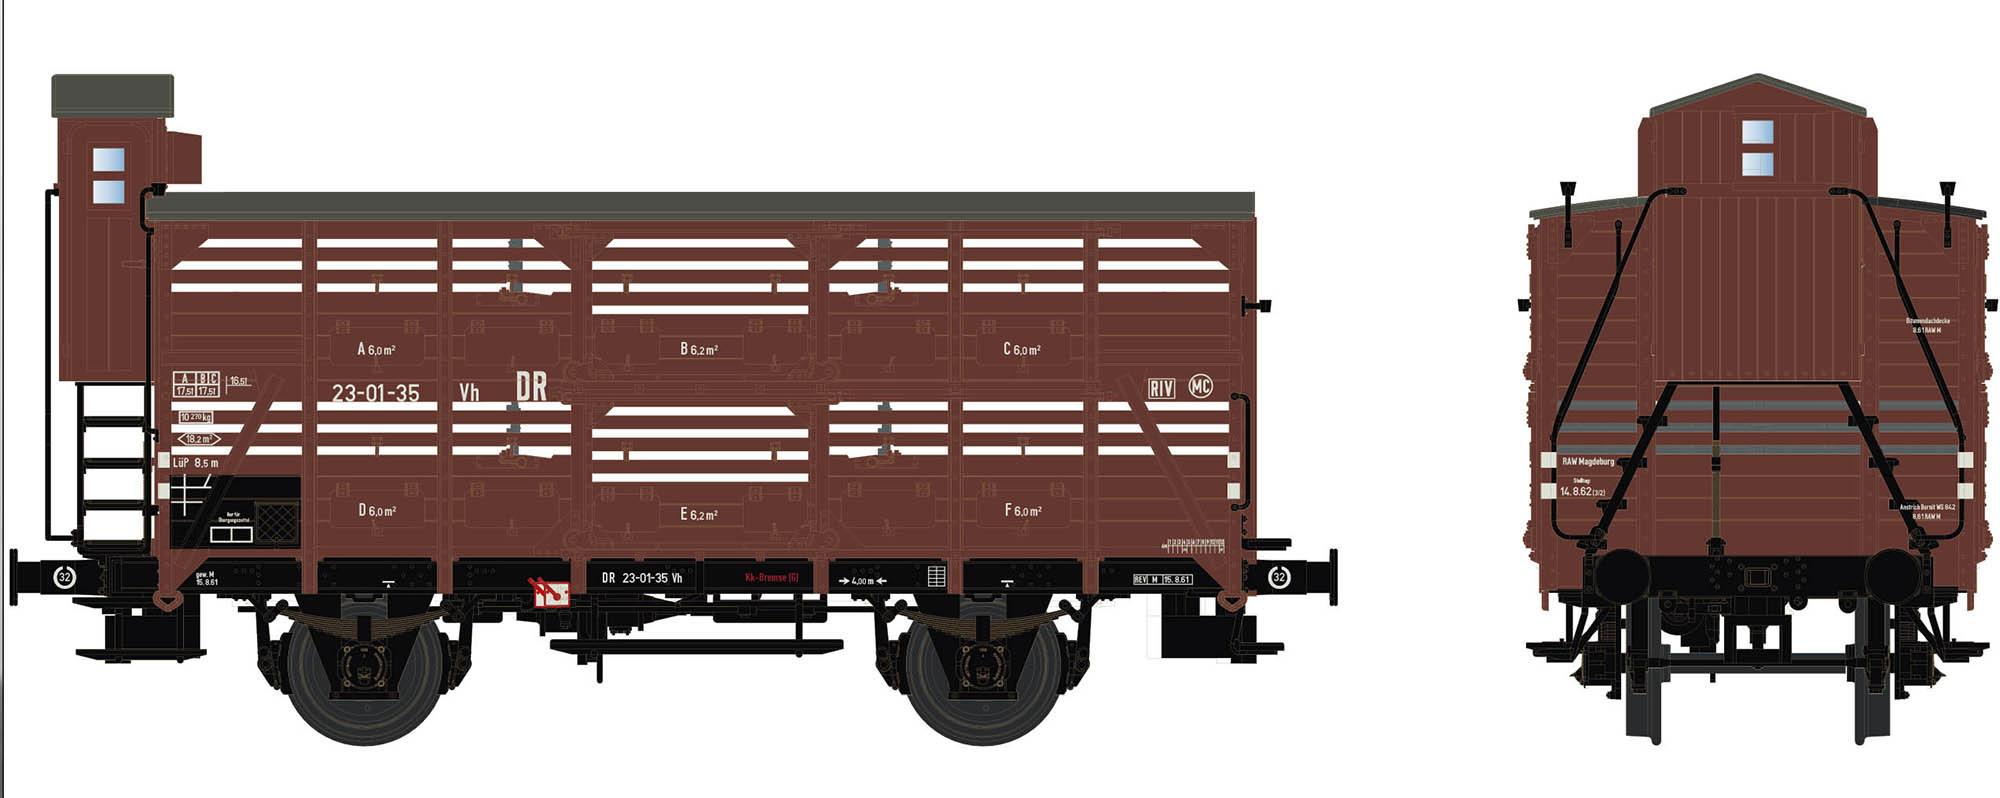 Wagenbausatz Verschlagwagen Vh14, DR, Epoche IIIb